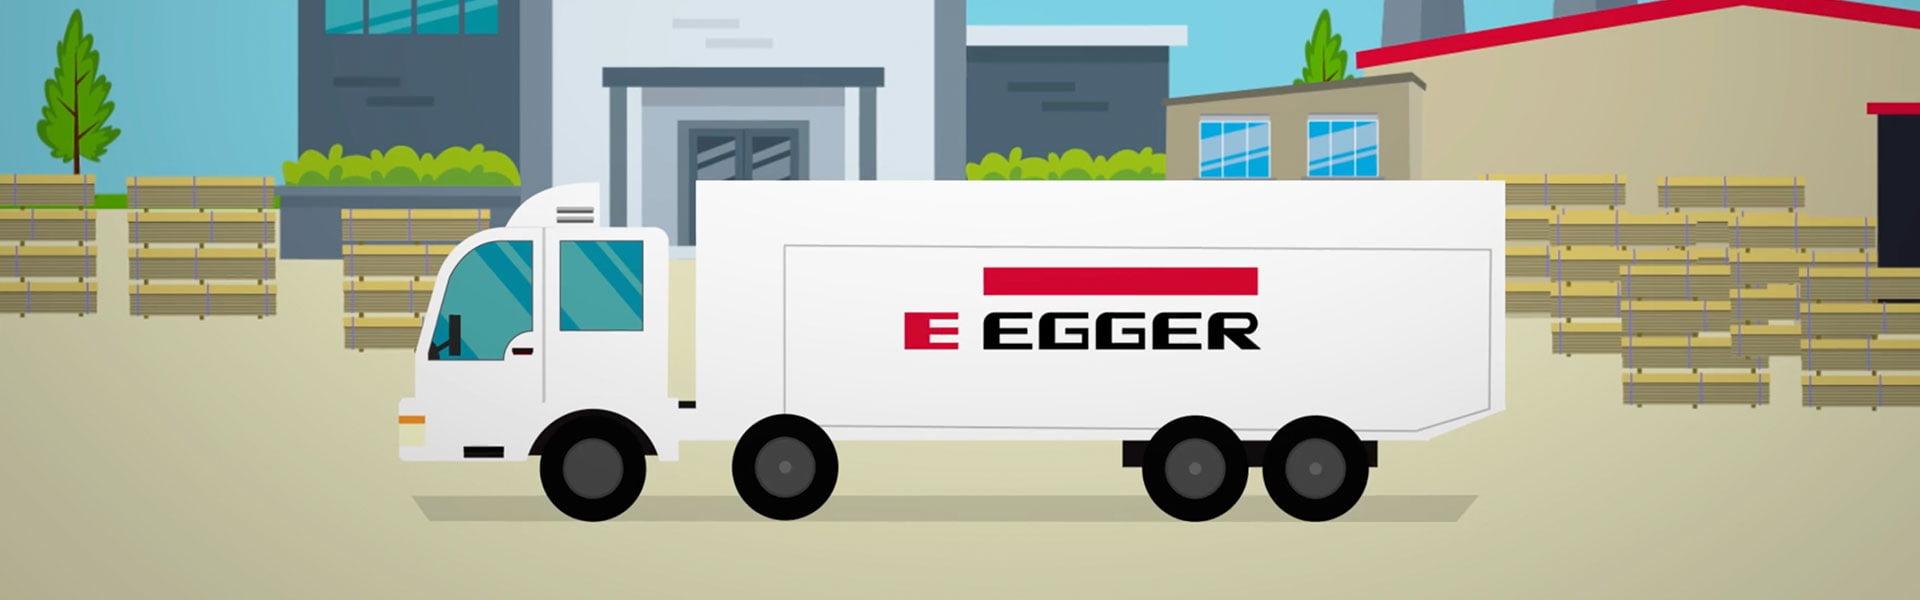 Egger truck